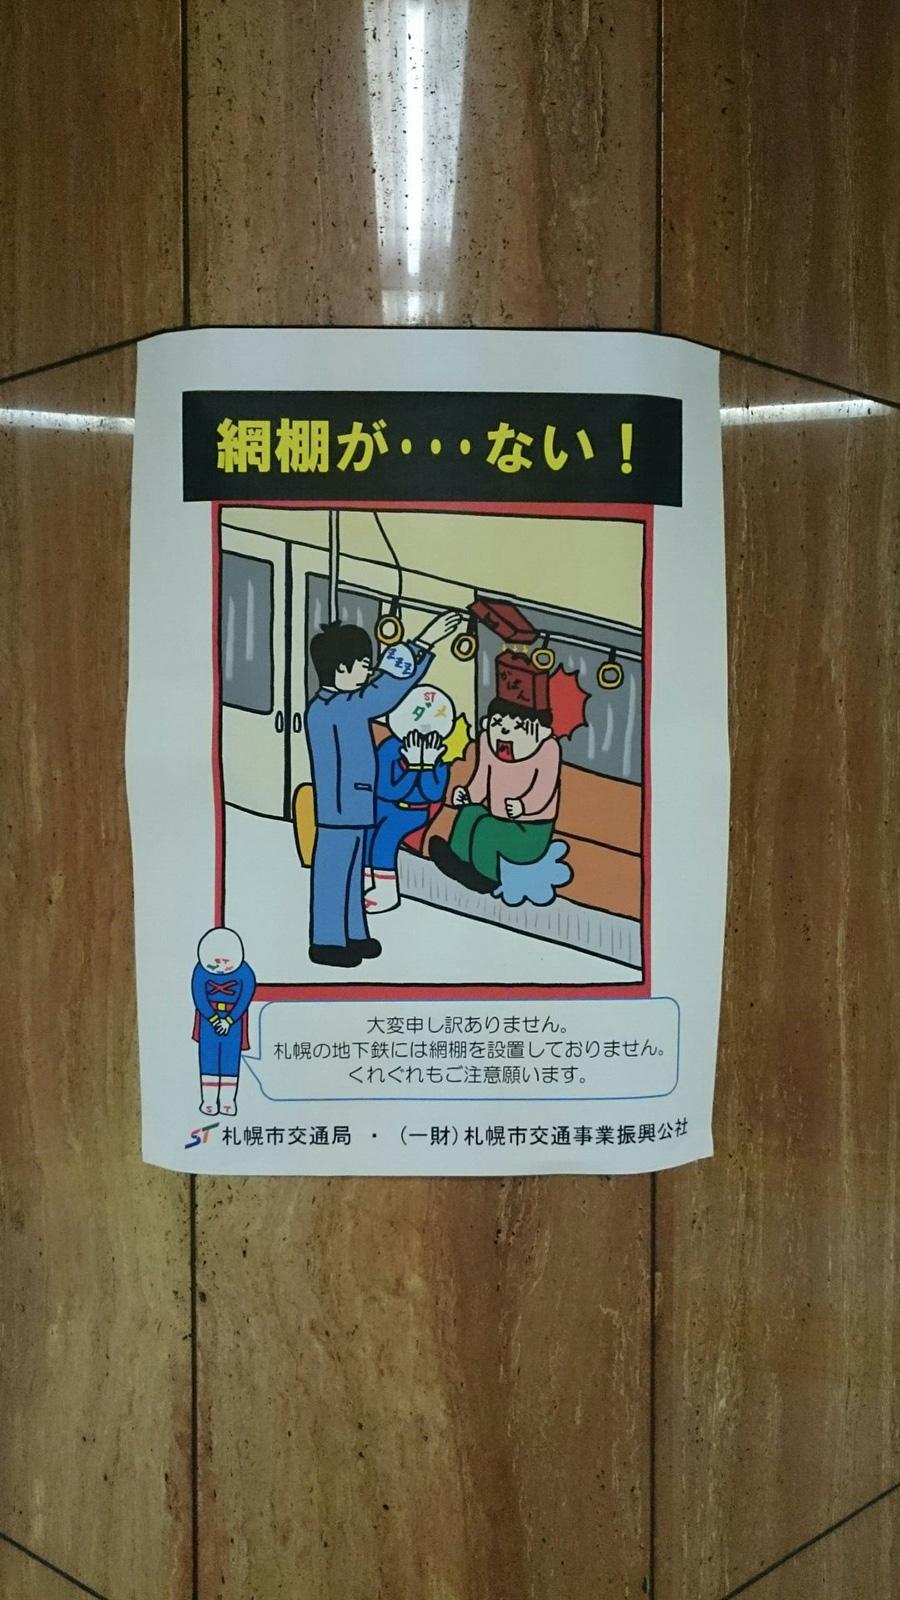 札幌の地下鉄おもろい